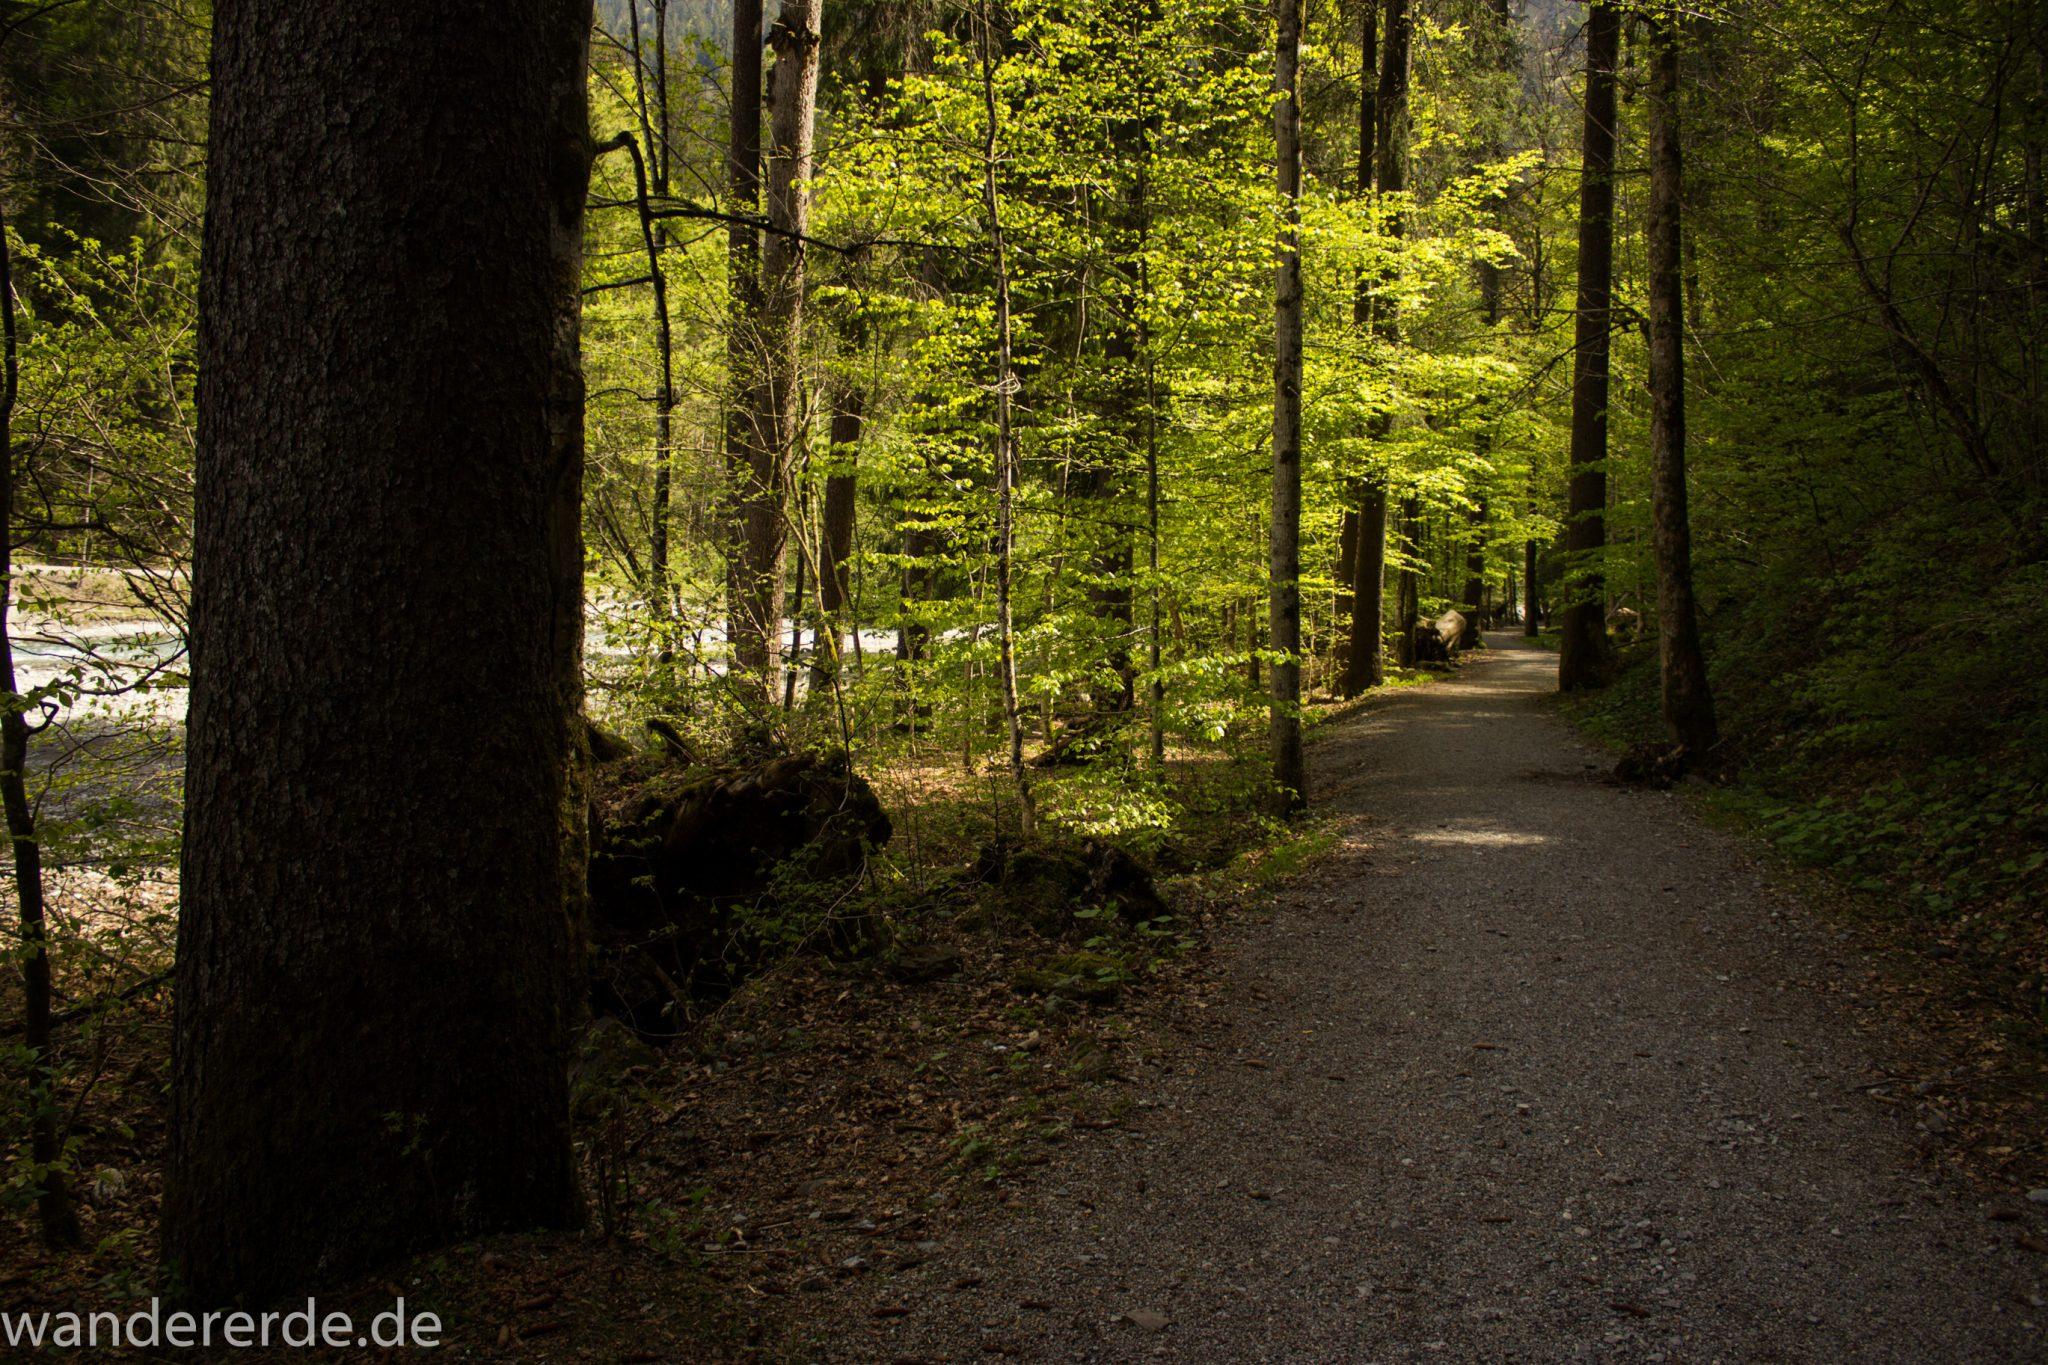 Wanderung Oberstdorf nach Gerstruben im Allgäu, Bayern, Wanderweg durch das Trettachtal, Uferweg mit schönen Bäumen, sattgrüner Wald, Frühling in den Bergen